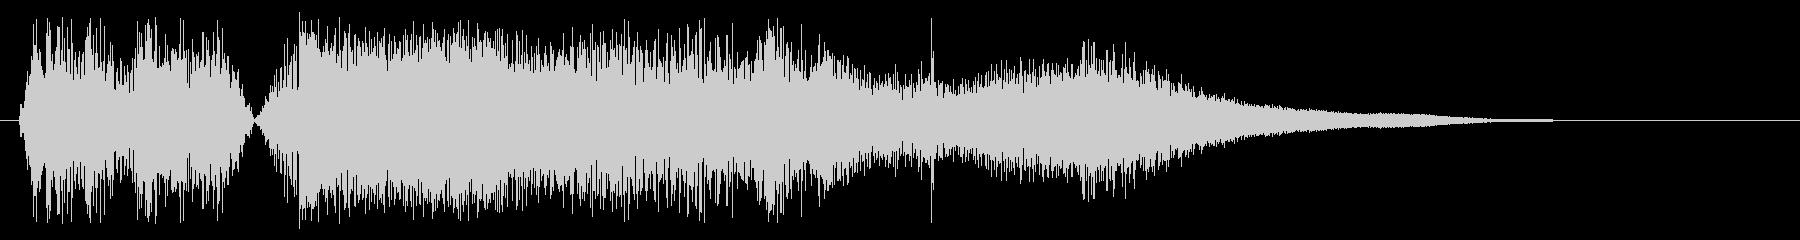 ガチャーン(金属を落とした時の音)の未再生の波形